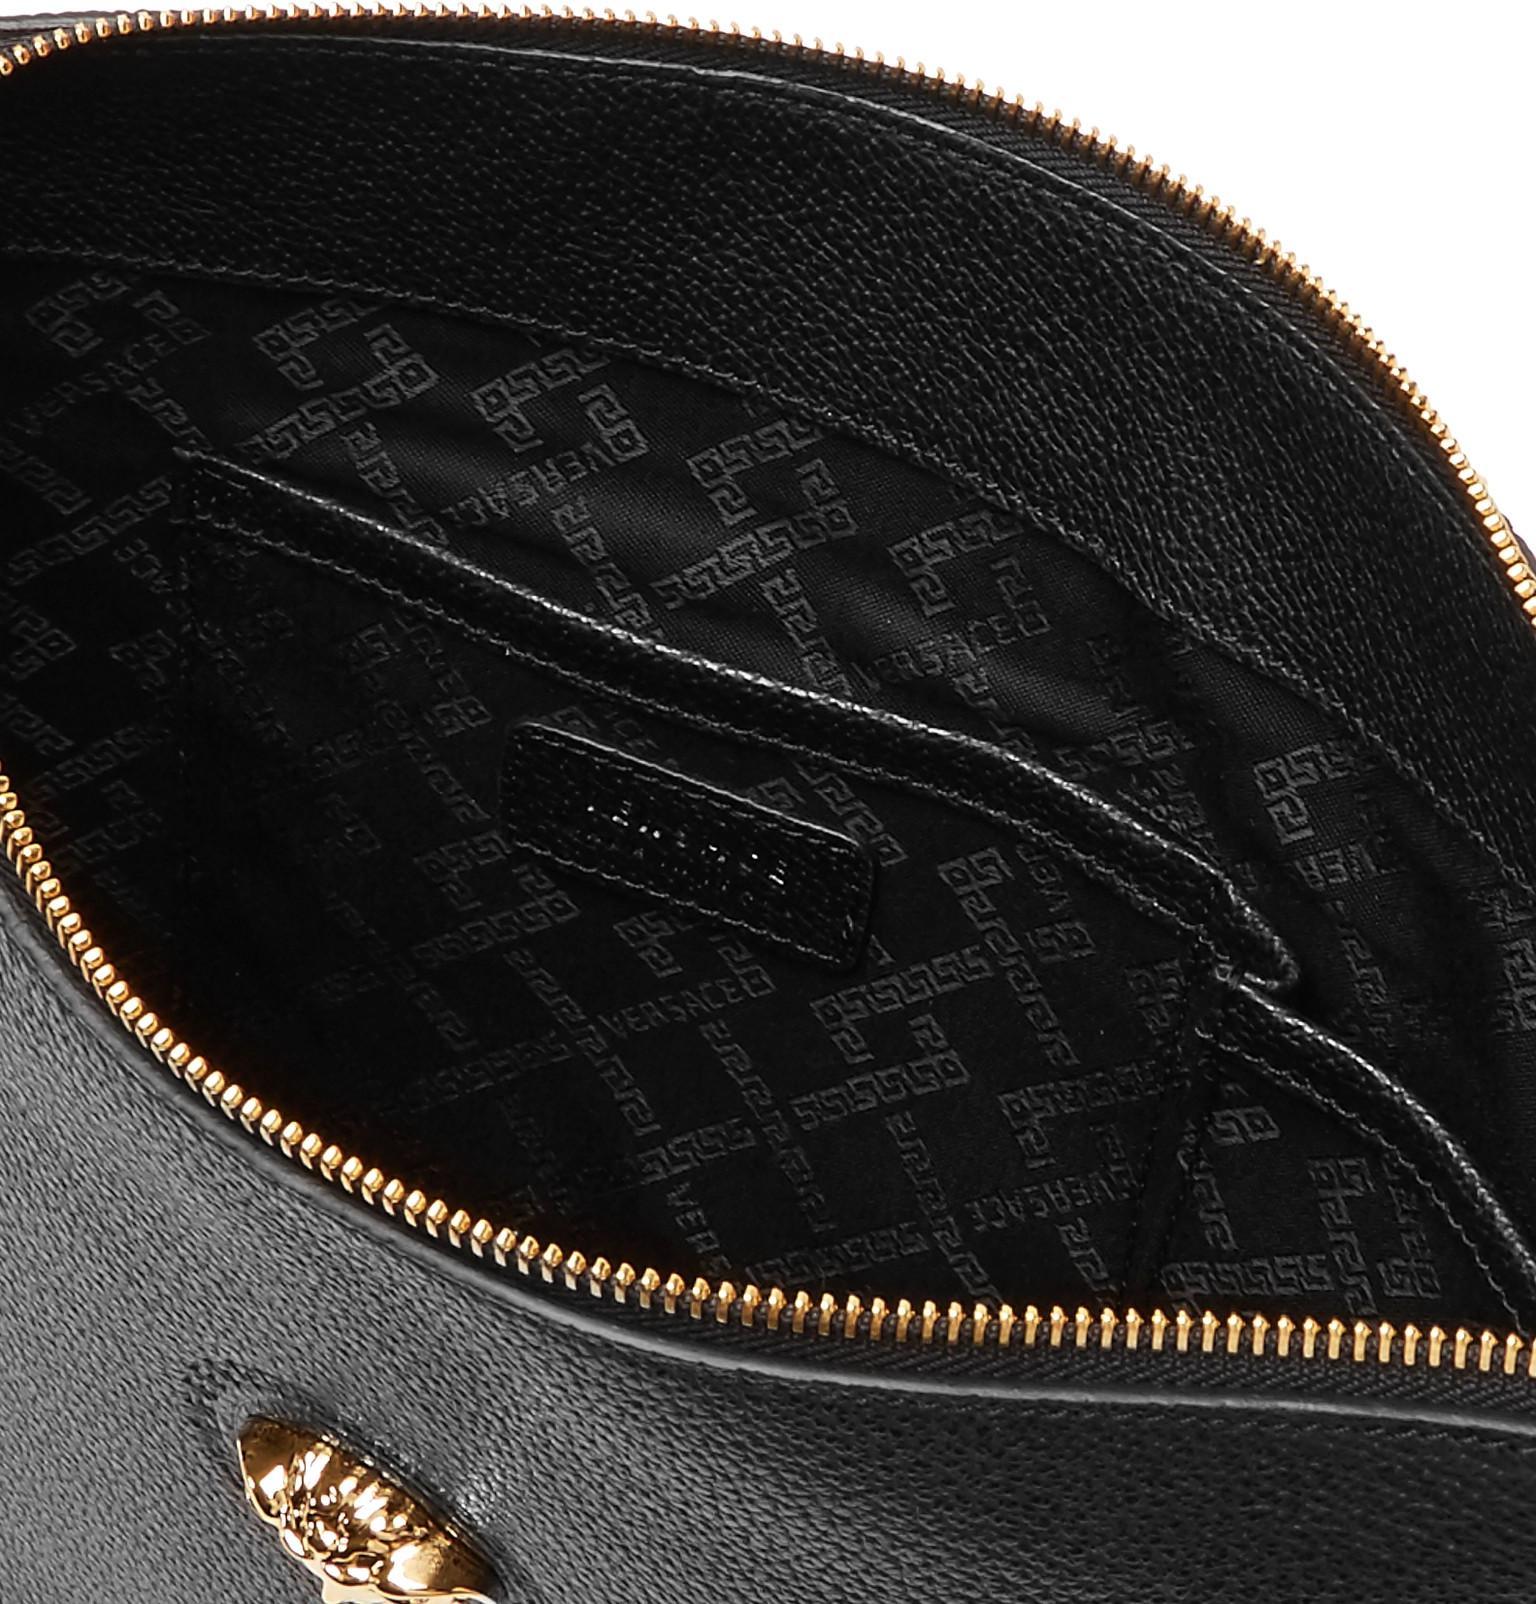 Leather Bag Messenger In Full For Black Versace Grain Logo Detailed HqgvgI